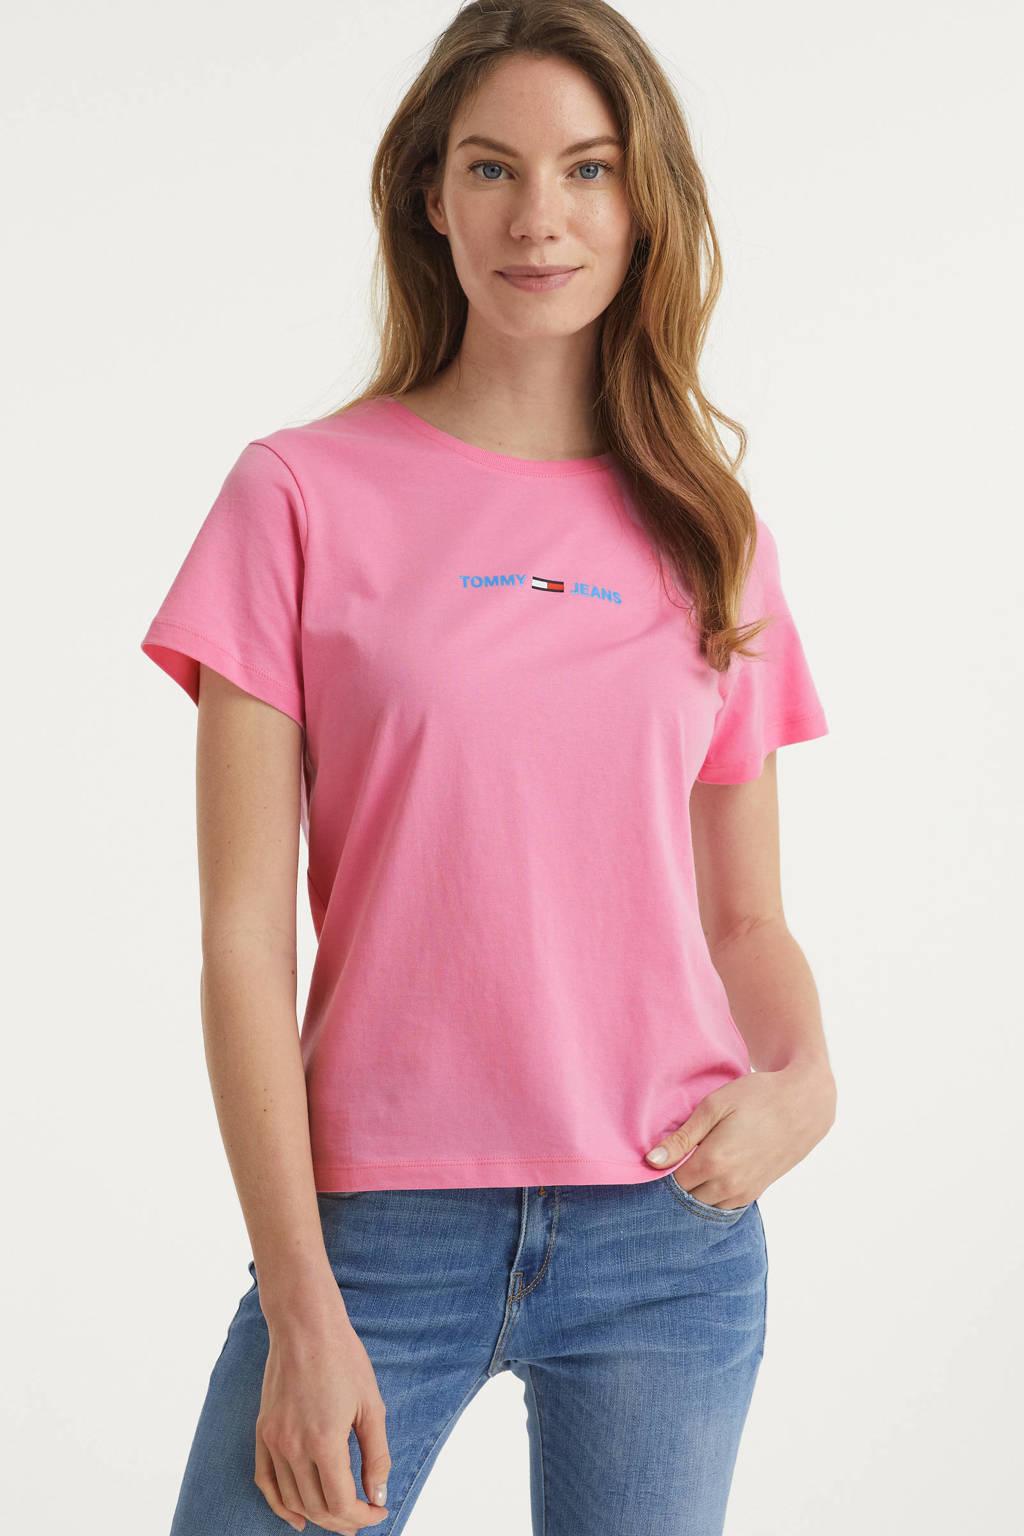 Tommy Jeans T-shirt met biologisch katoen roze, Roze